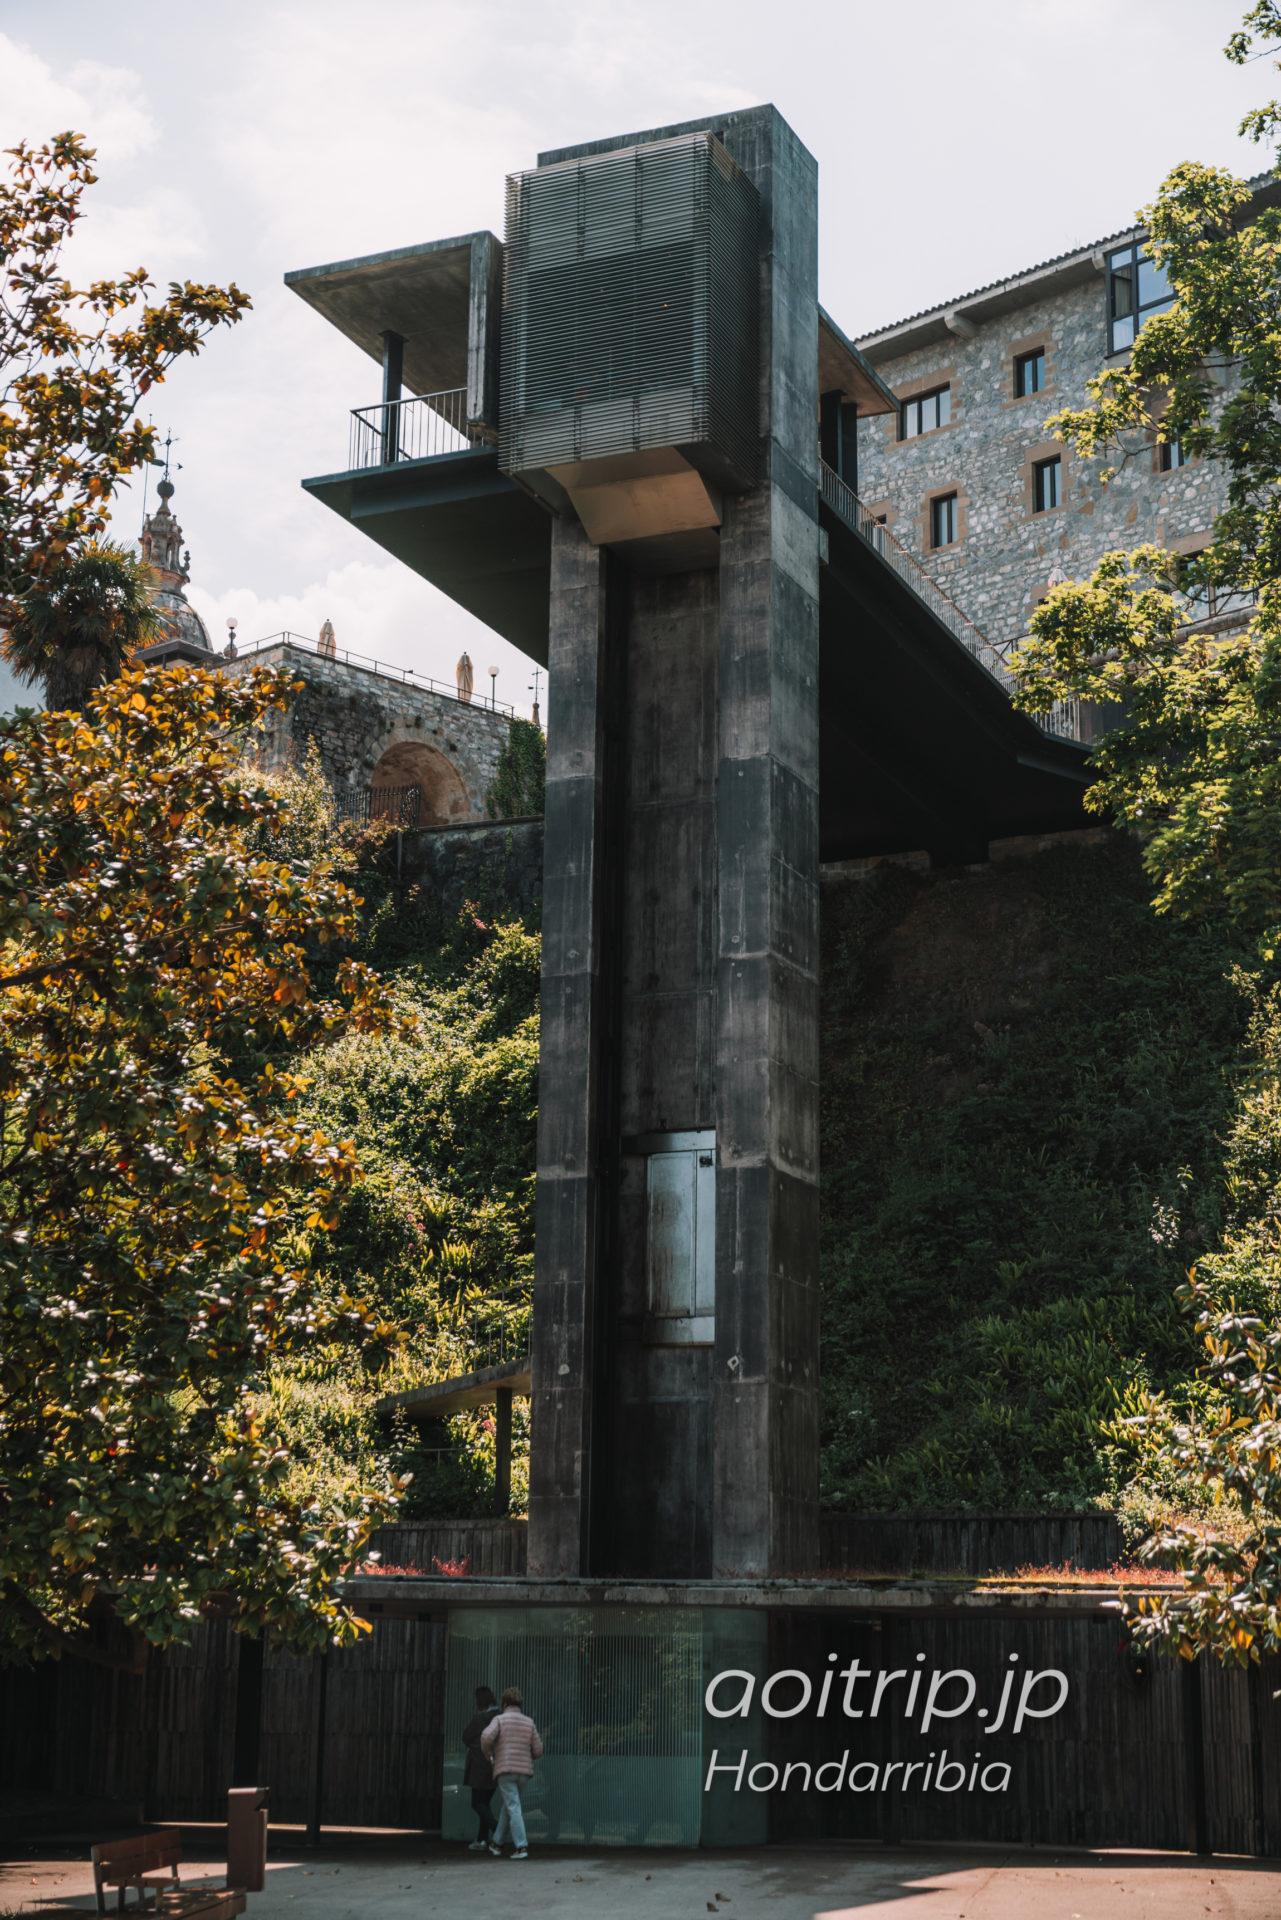 パラドールデオンダリビア前のエレベーター